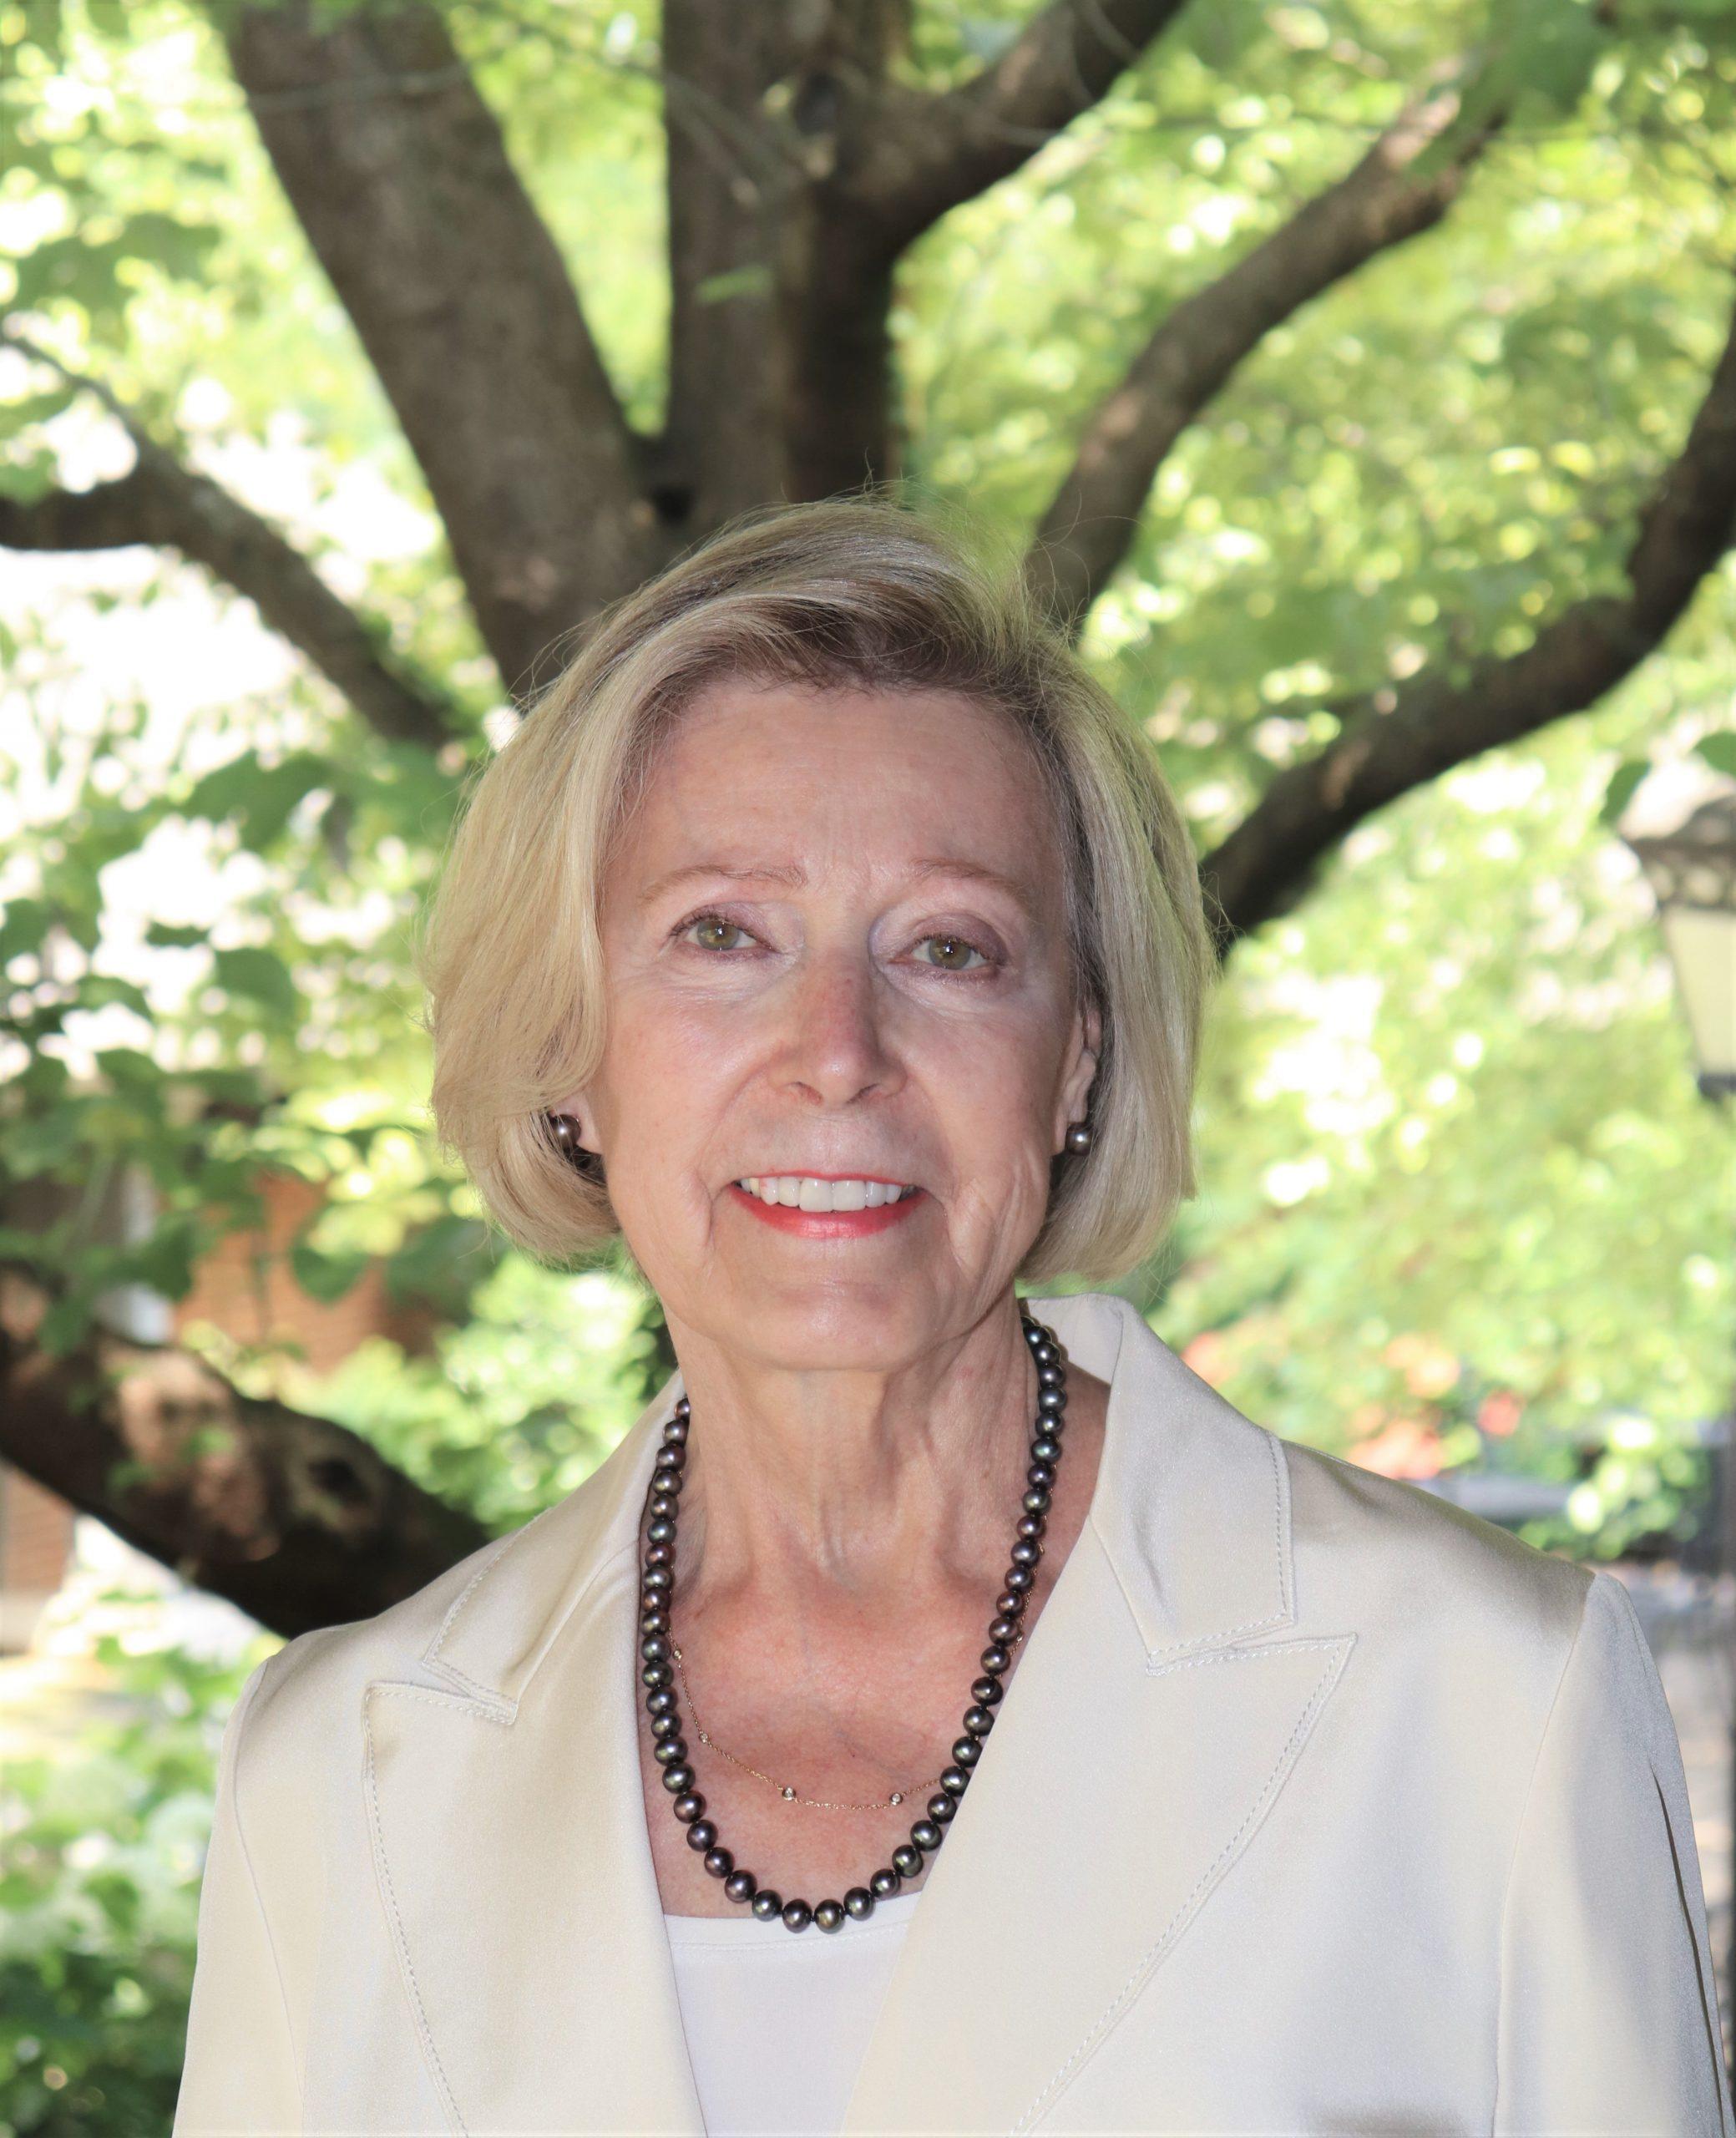 Sheila Cloud Headshot